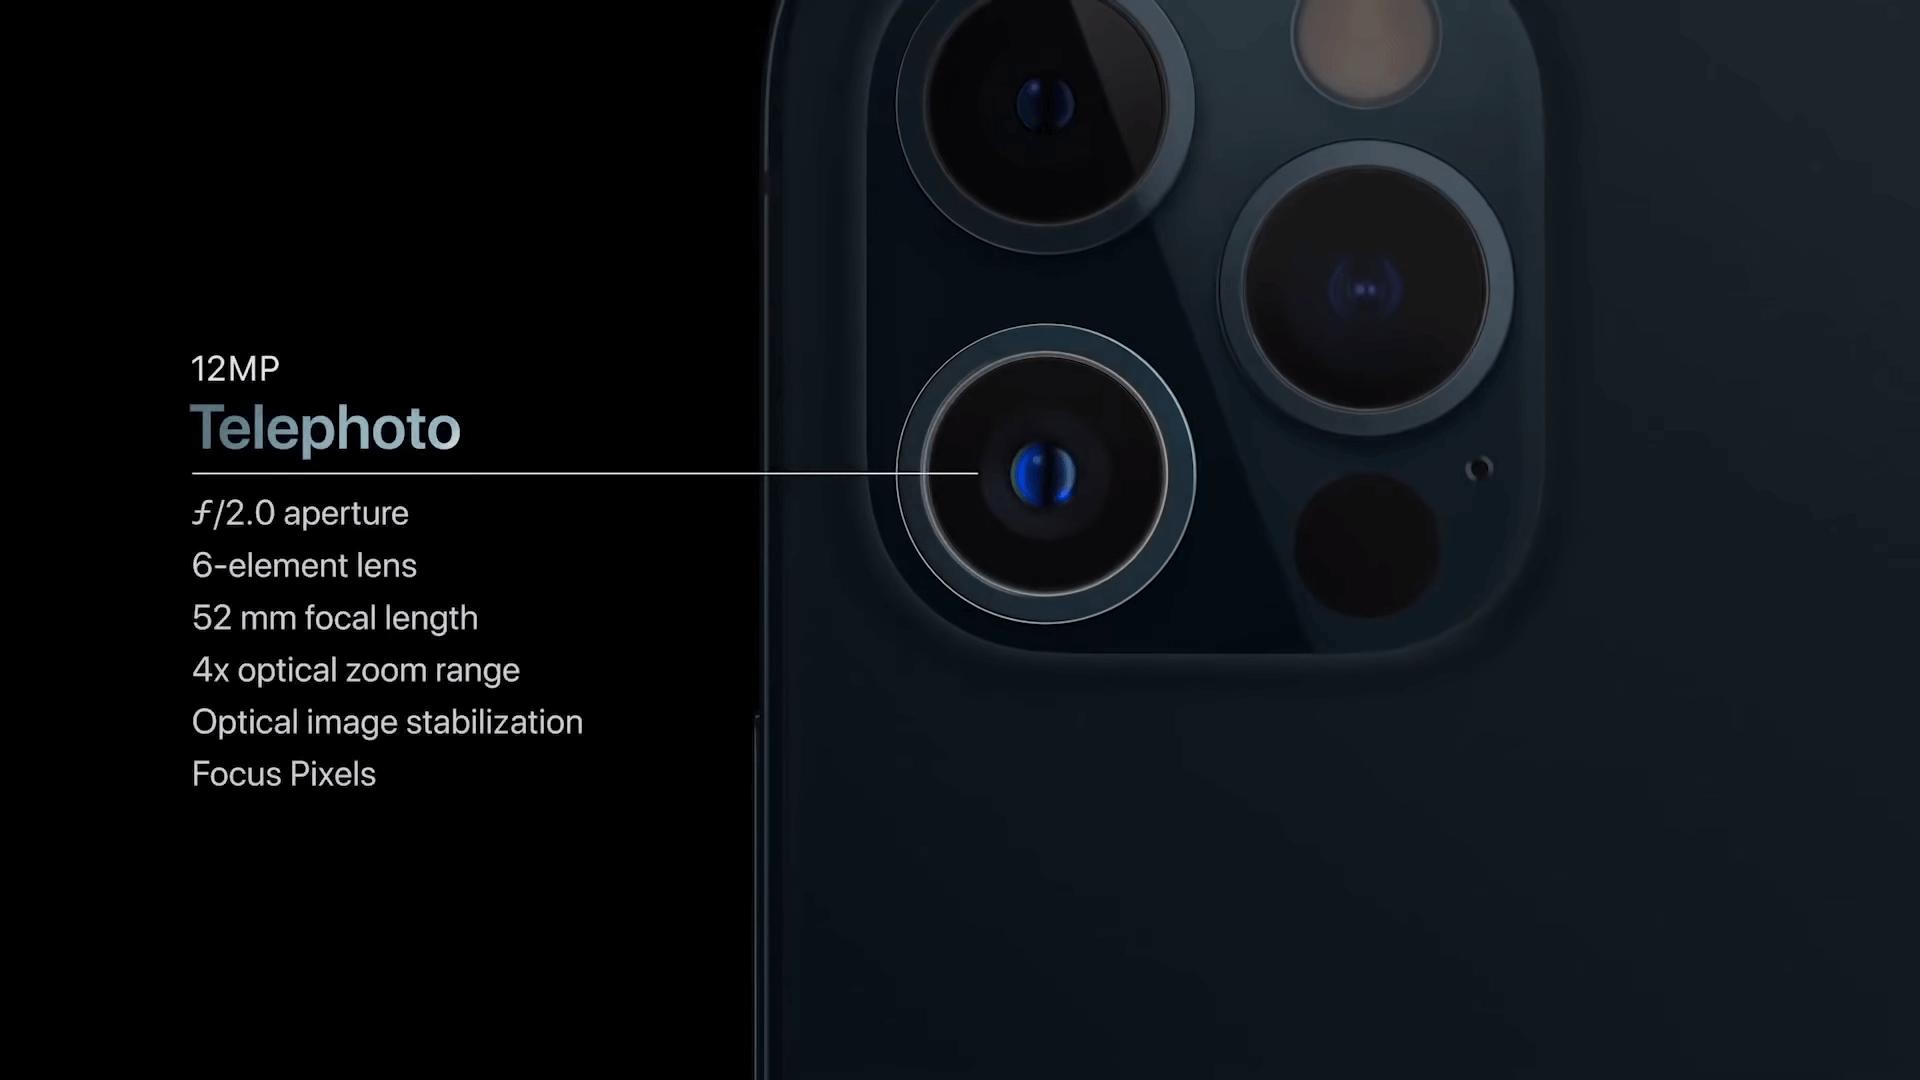 Основной сенсор в iPhone 12 Pro Max получил больший размер матрицы.